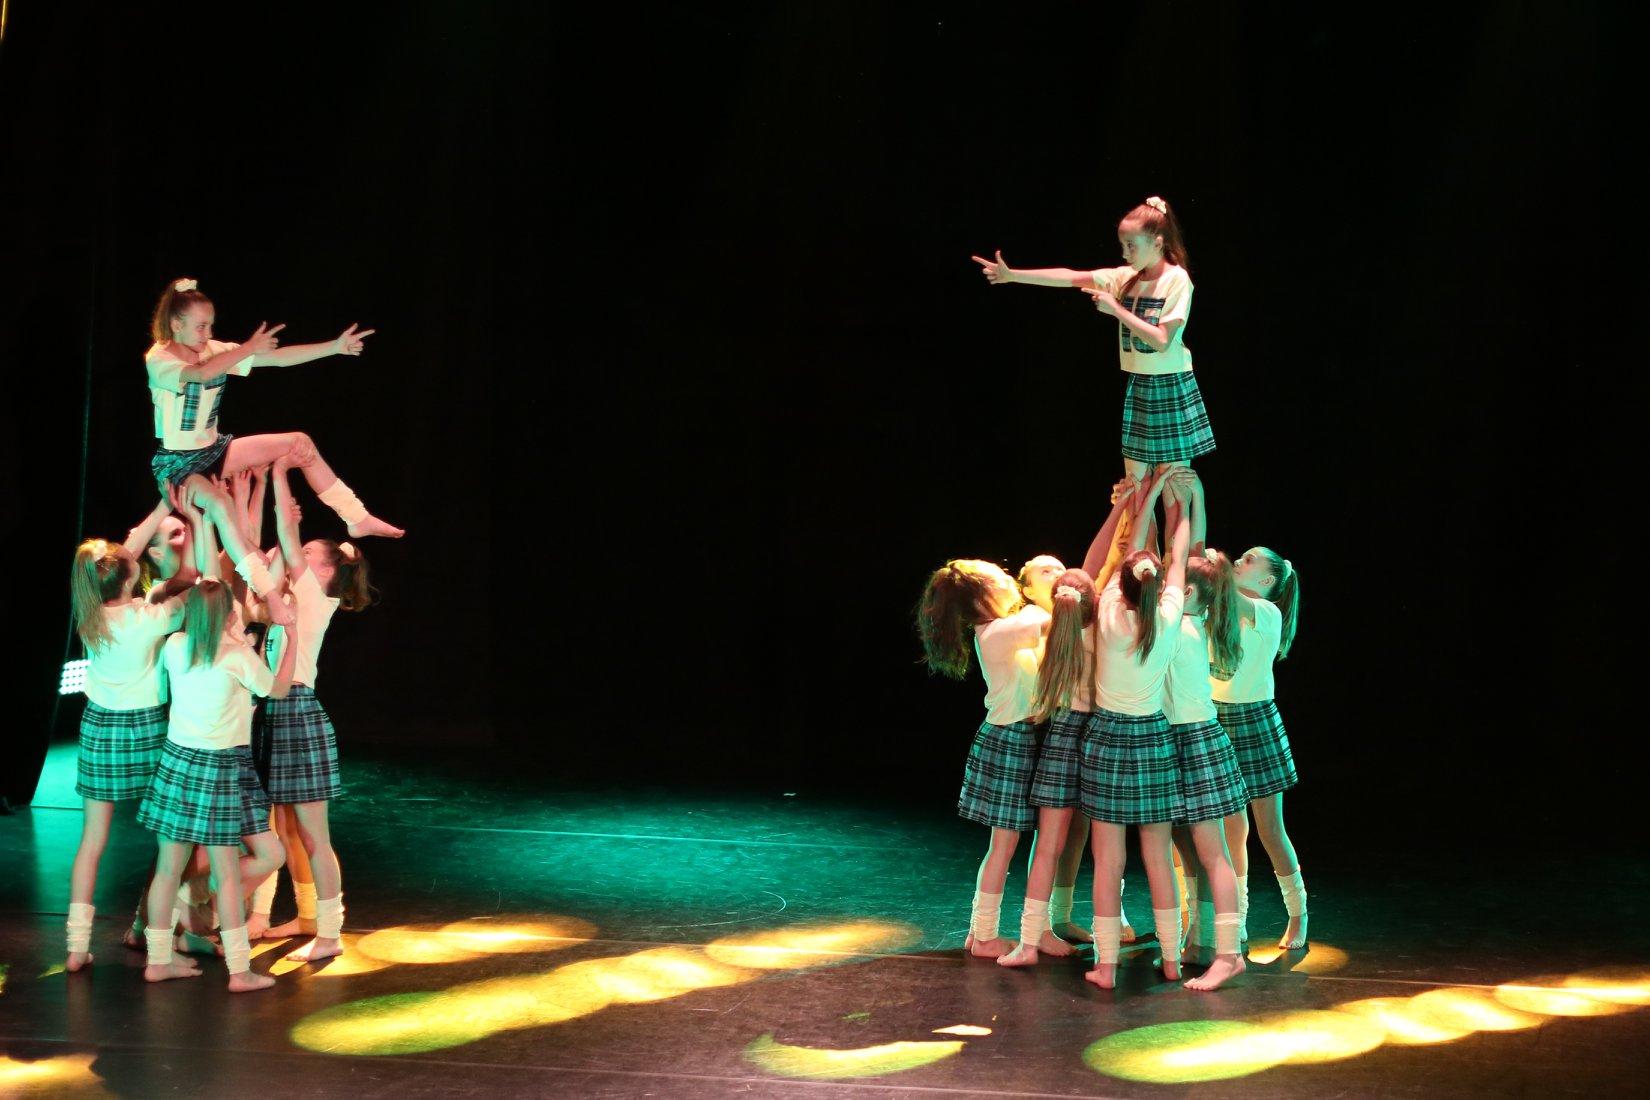 27 kwietnia 2019 r. w Mrągowie nasza najmłodsza grupa reprezentacyjna Pryzmat Mini 2 zajęła - I miejsce w kategorii art dance 12-15 lat, w choreografii Anny Janczarek. Gratulujemy!!!!!  Organizatorem konkursu było Centrum Kultury i Turystyki oraz Młodzieżowy Dom Kultury w Mrągowie. Zespoły, biorące udział w konkursie, zaprezentowały swoje choreografie w 2 kategoriach tanecznych: street dance (hip-hop, breakdance, popping, locking, techniki pokrewne) oraz art dance (taniec współczesny, jazz, modern jazz, techniki pokrewne), z podziałem na grupy wiekowe.  Prezentacje w kategorii art dance oceniało jury w składzie: Karolina Garbacik oraz Magda Jędra. Ocenie podlegały: oryginalność pomysłu, technika, interpretacja i dobór środków wyrazu, wartości artystyczne i kulturowe.  Więcej informacji na stronie organizatora   https://www.facebook.com/events/380962799368537/   Fot. Dominika Paula Brodzik